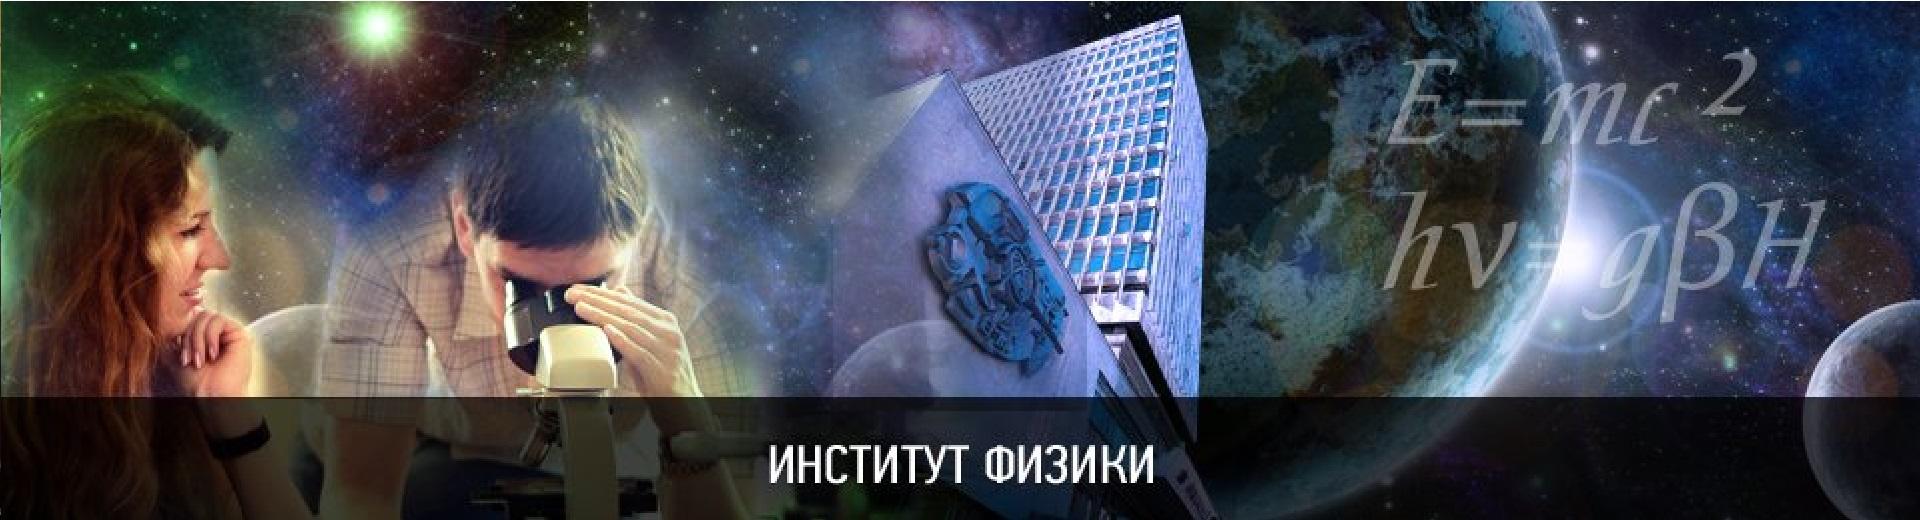 Портал КФУ \ Образование \ Институт физики \ Студентам \ Кураторы академических групп